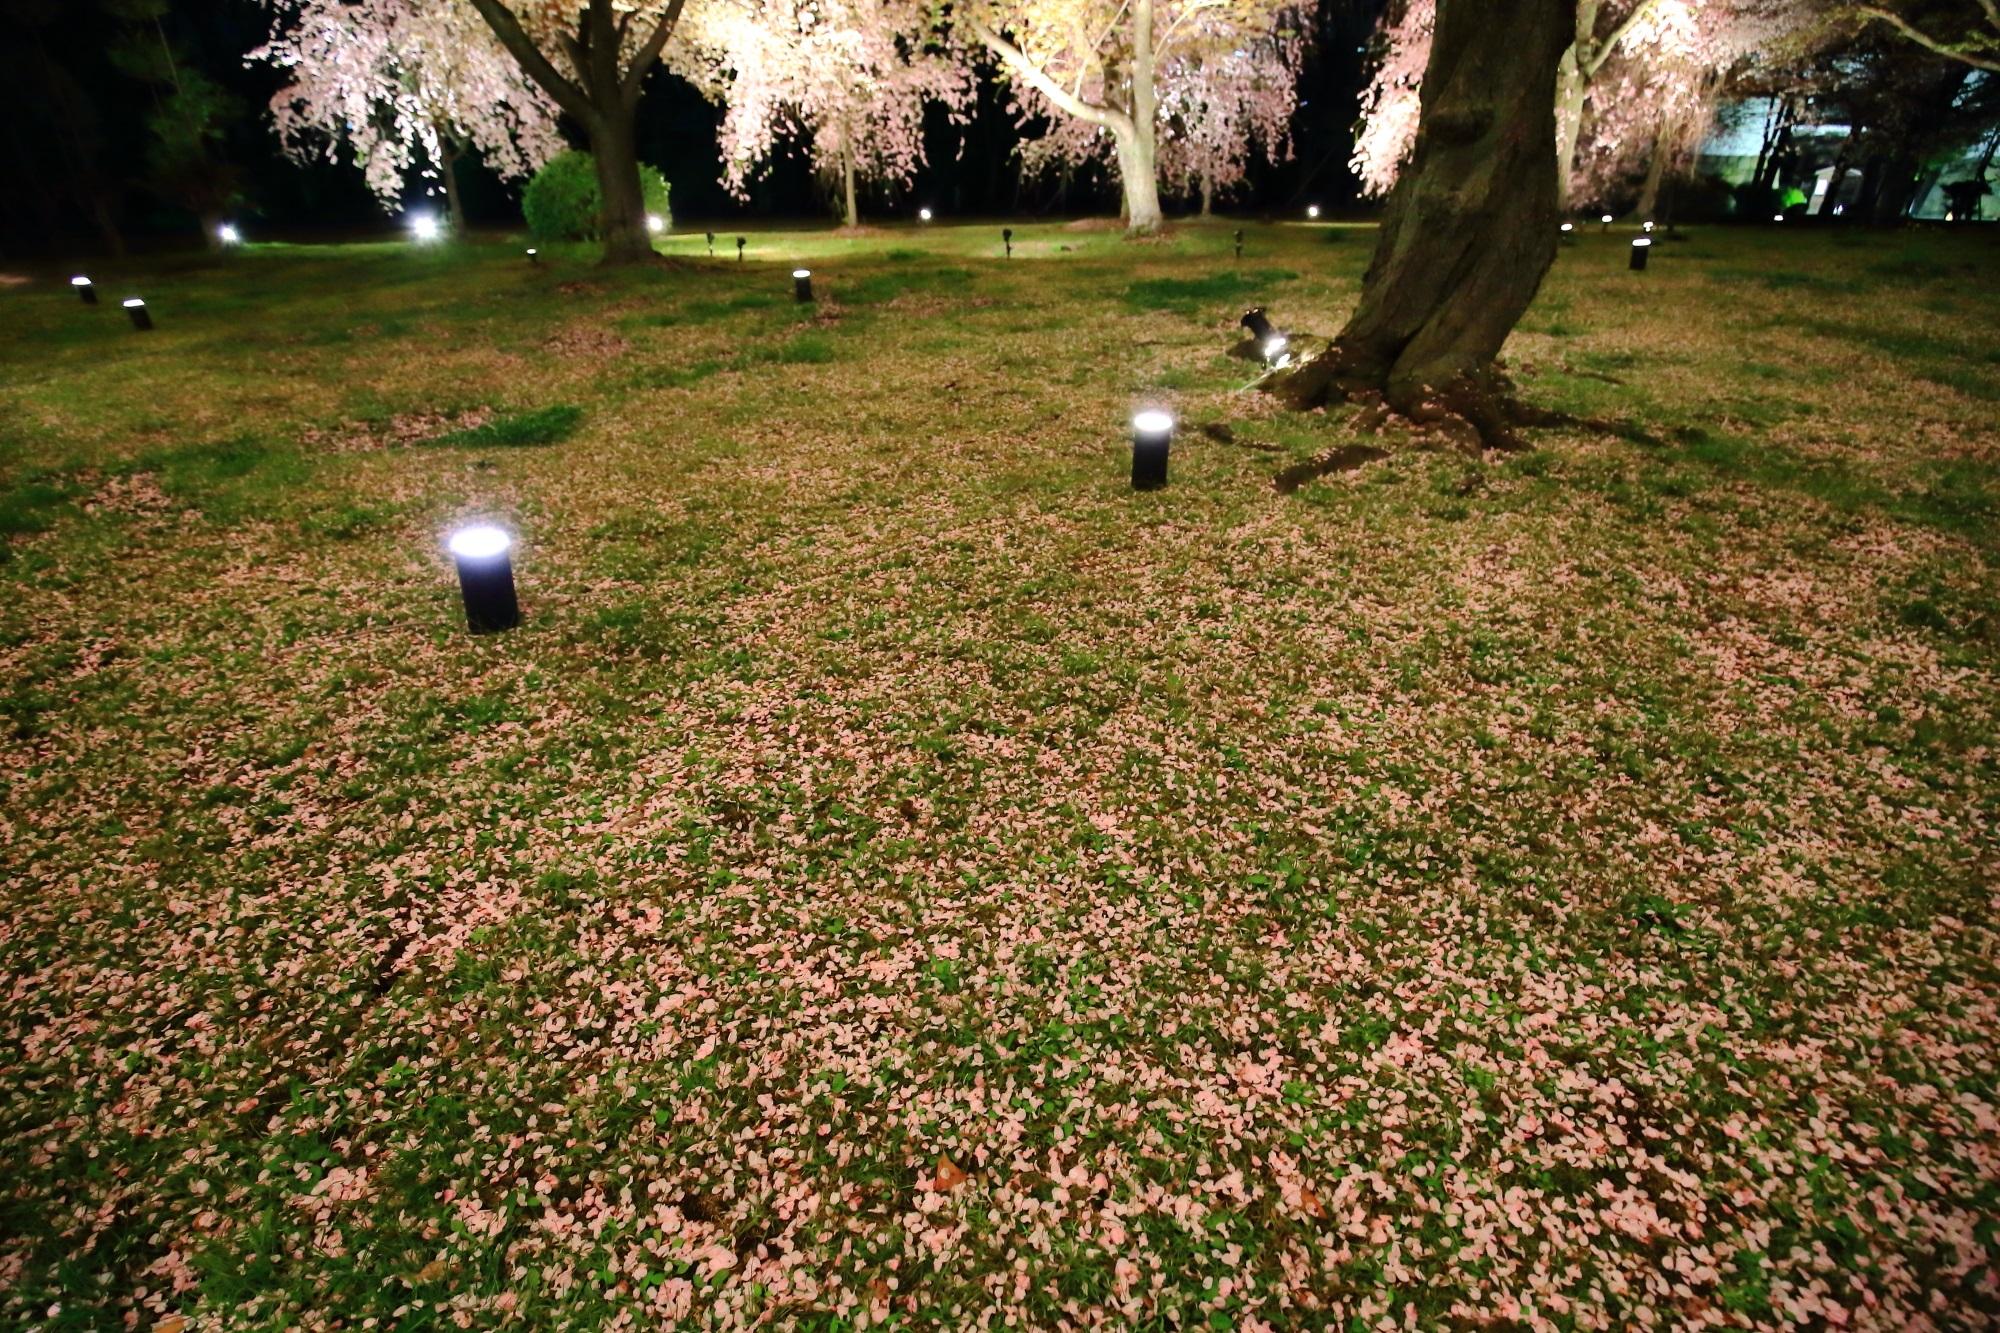 闇夜に浮かび上がる八重桜と散り桜